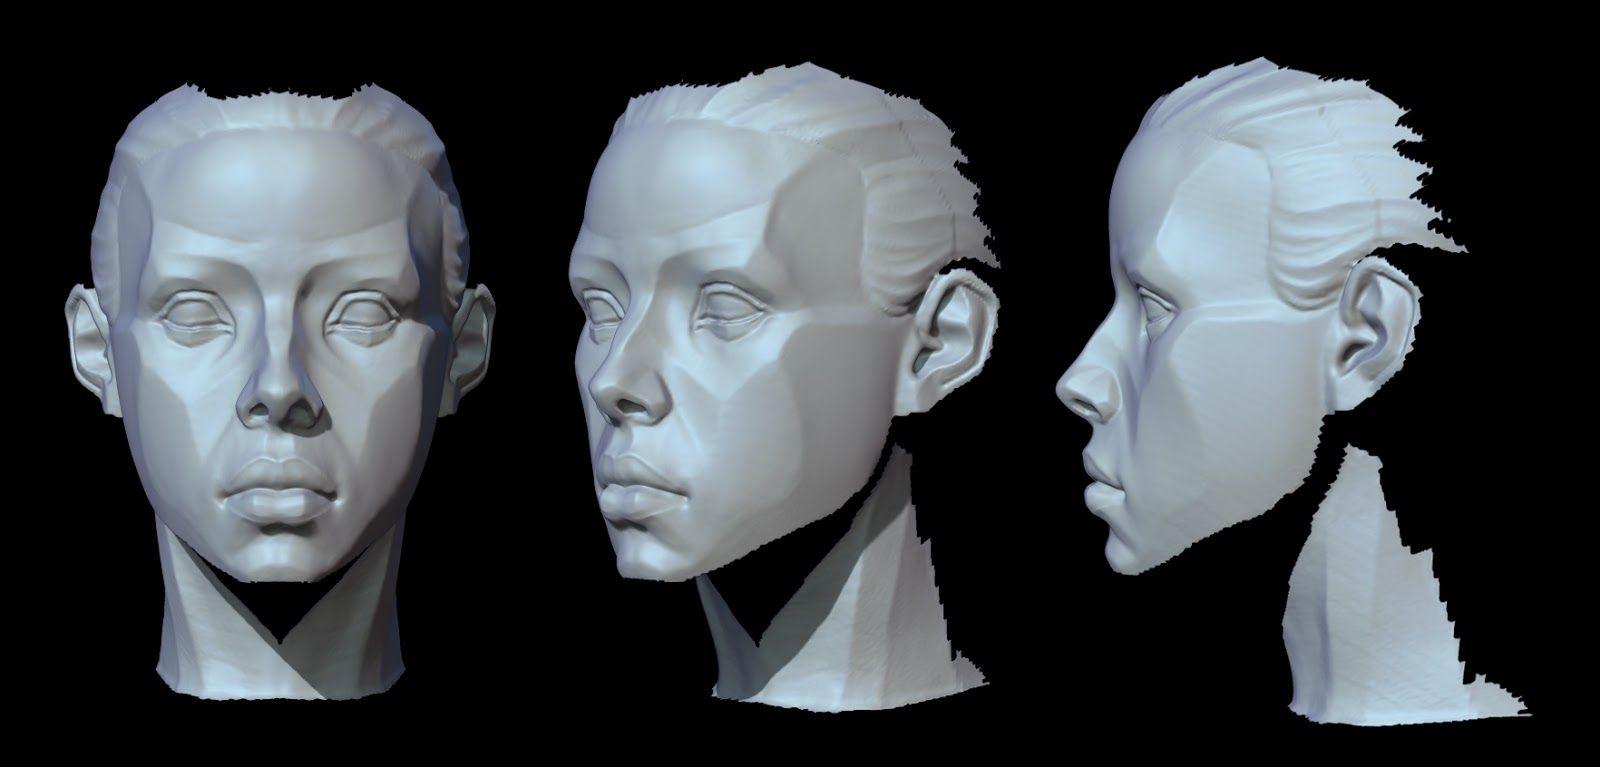 Female face critique please - Polycount Forum | Proportion ...